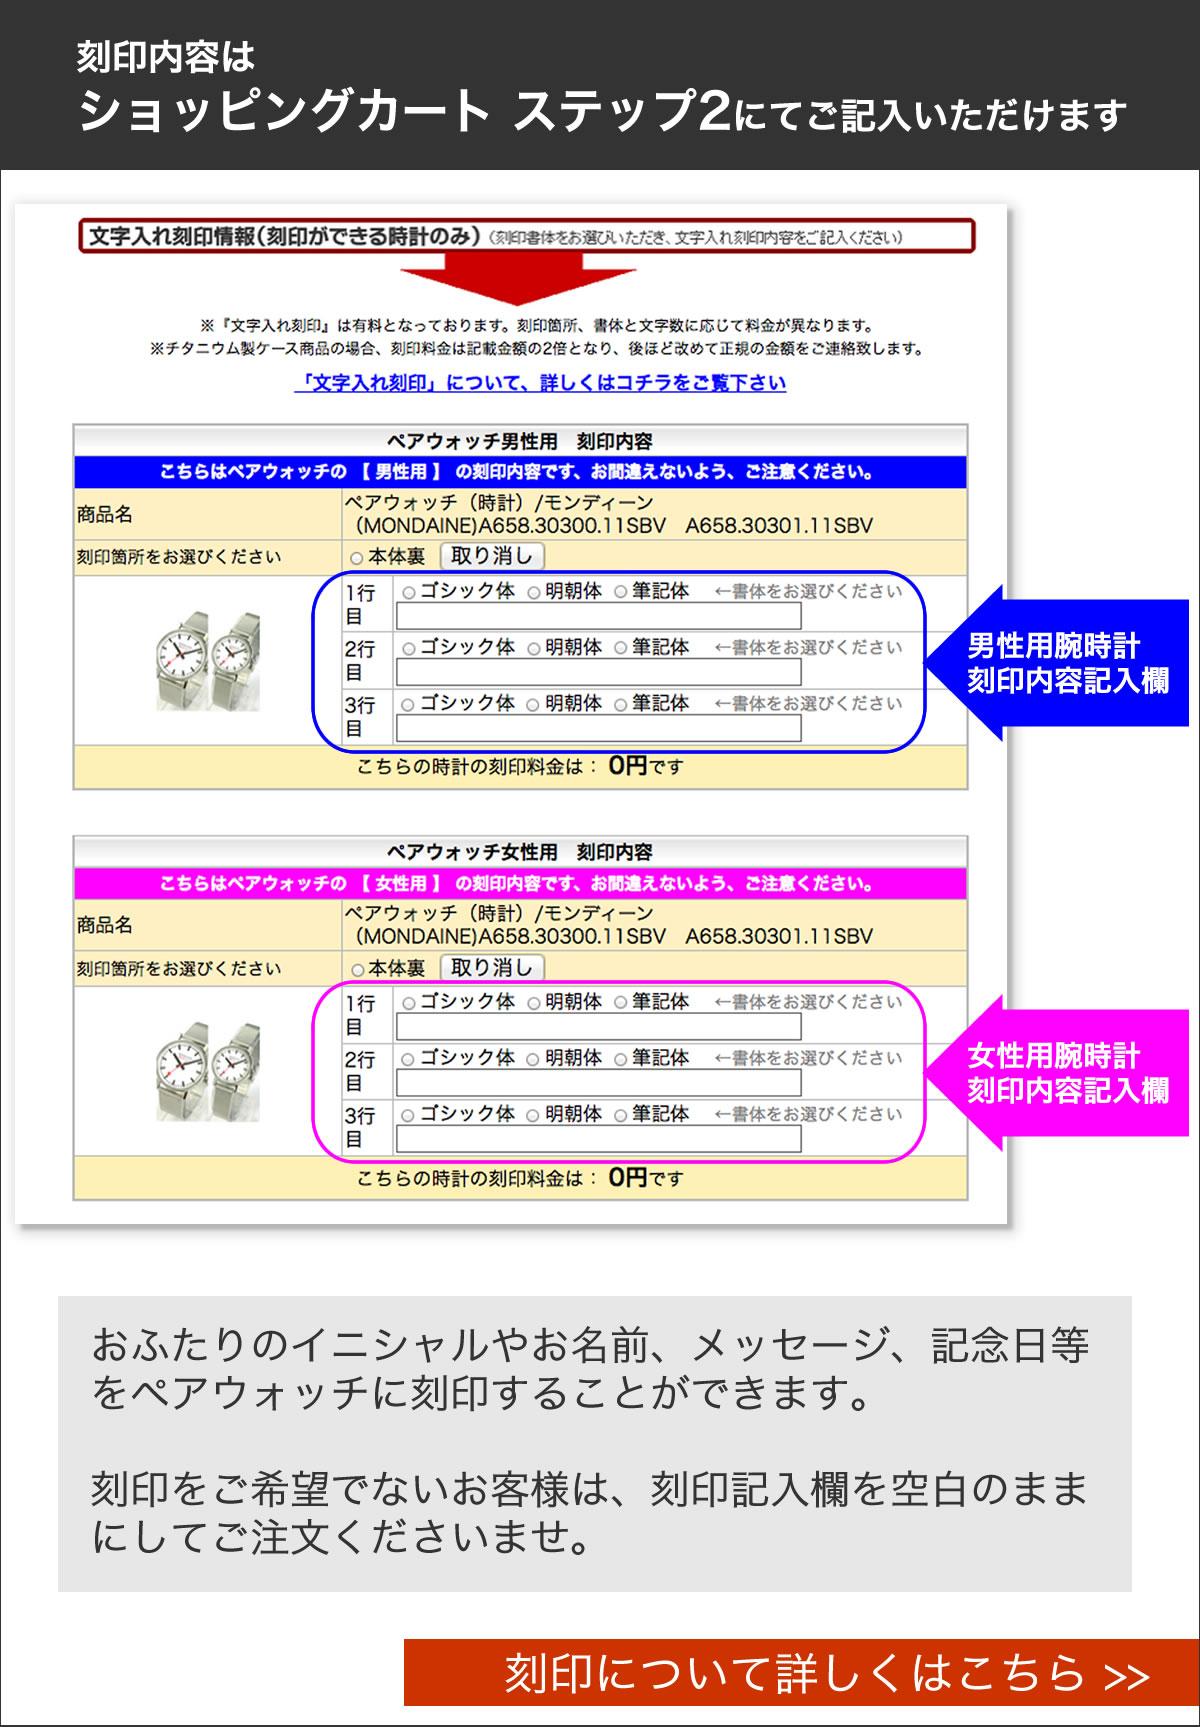 刻印内容はショッピングカートステップ2にてご記入いただけます